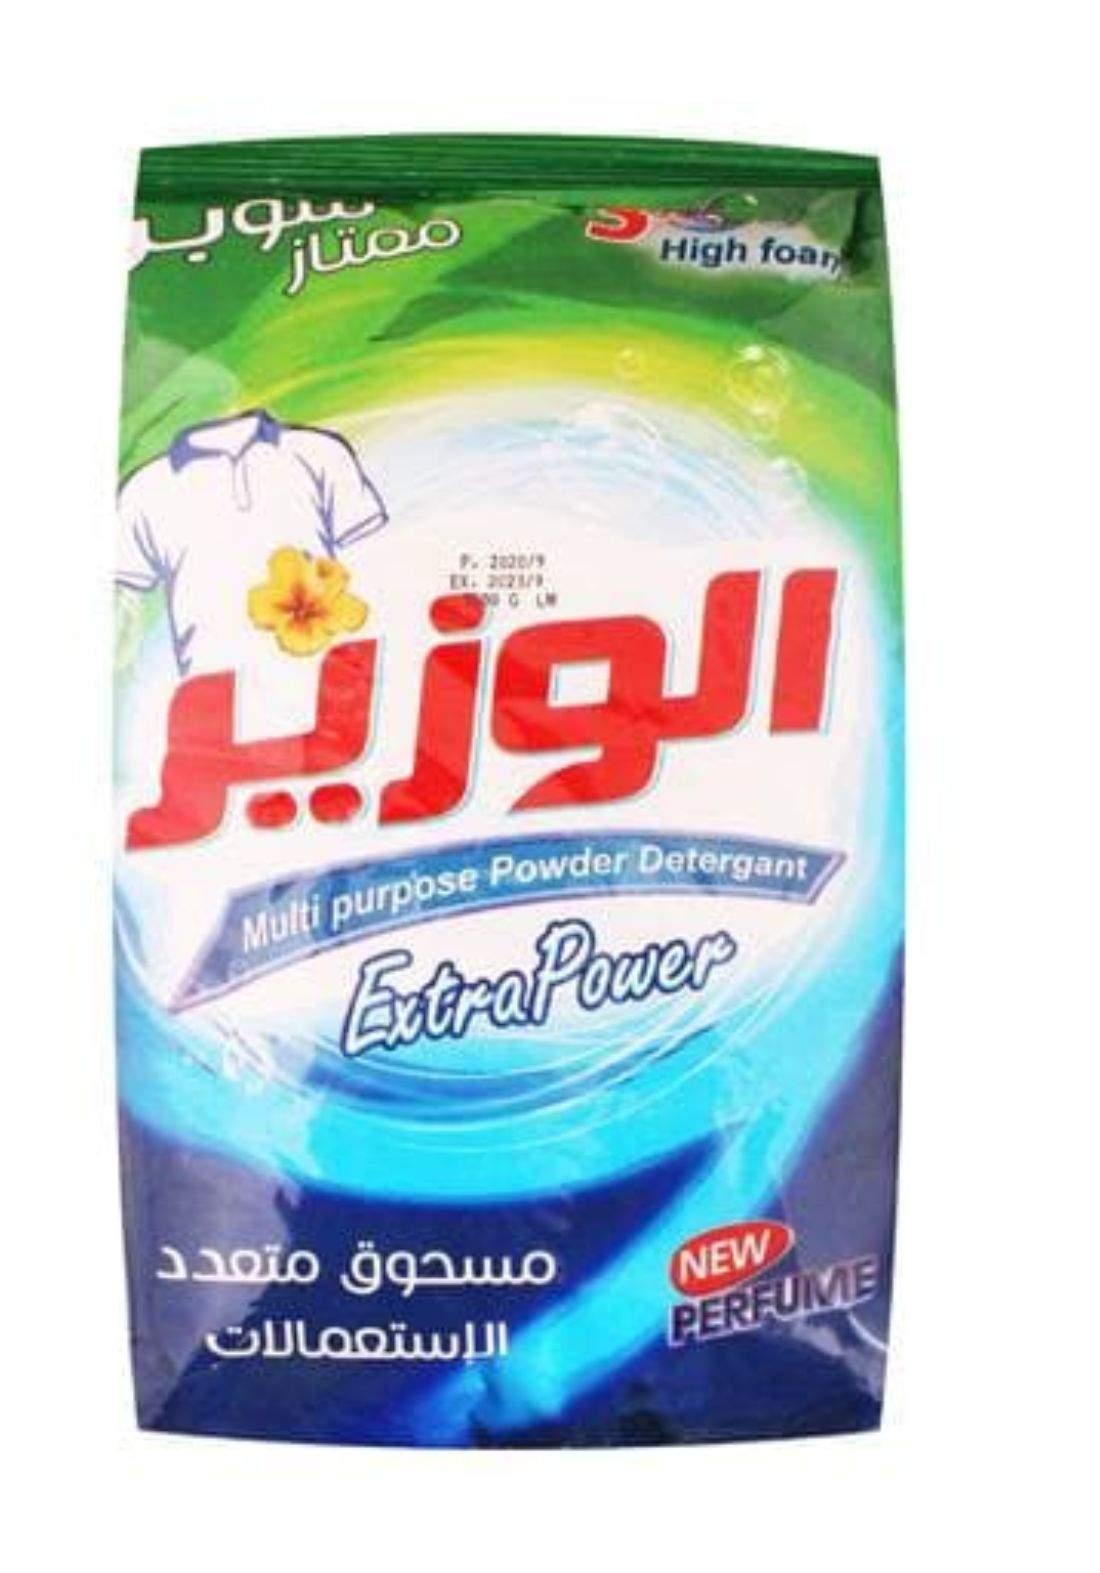 Al-wazir washing powder 500g الوزير مسحوق غسيل